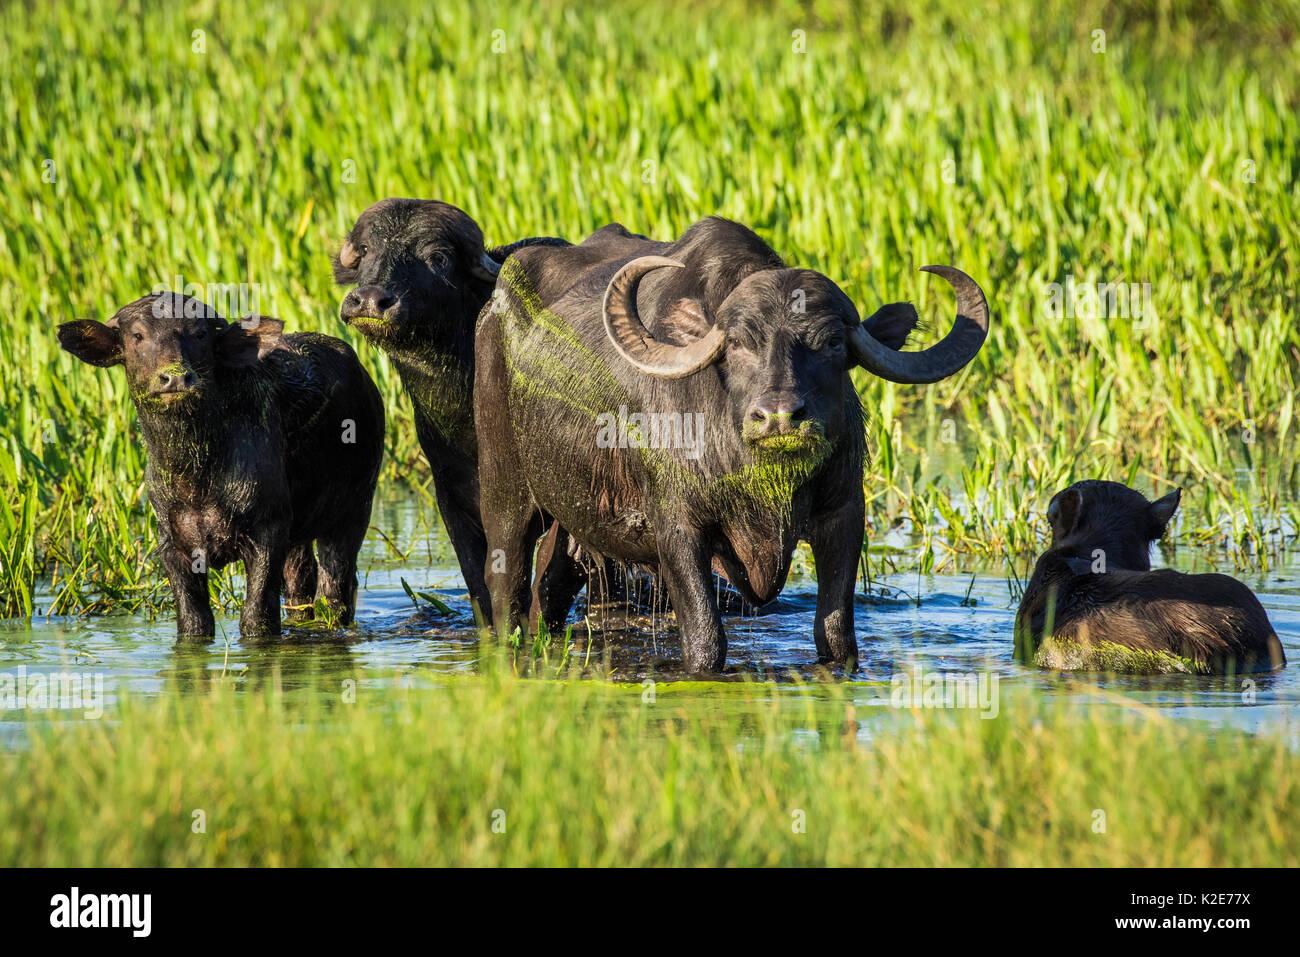 Buffle d'Asie sauvage (Bubalus arnee) dans la zone de marais, Pantanal, Mato Grosso do Sul, Brésil Photo Stock